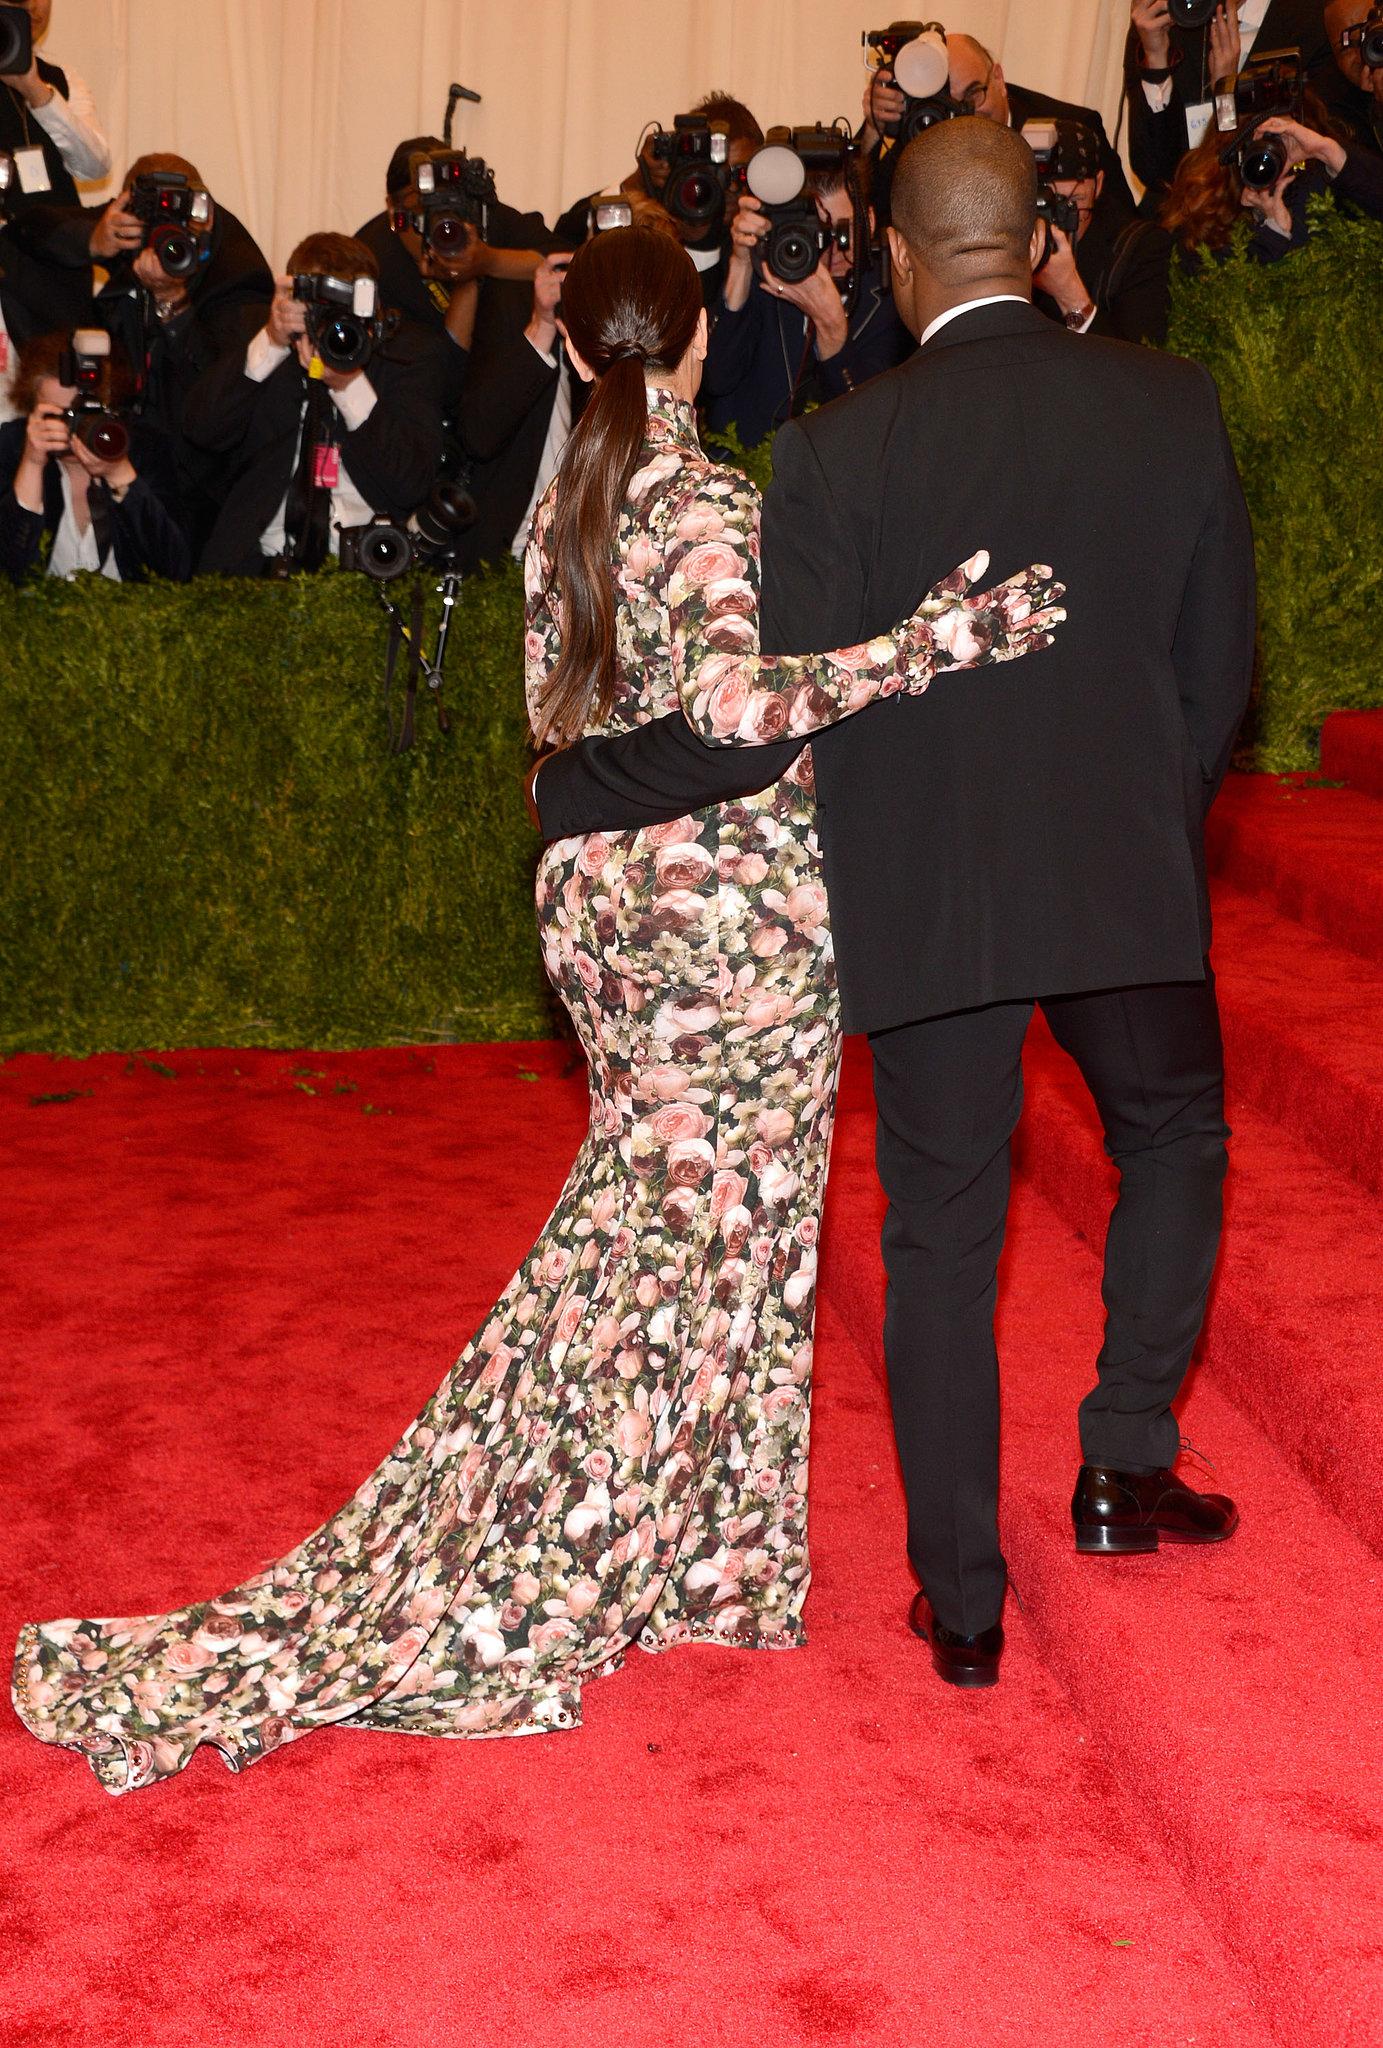 Kanye West and Kim Kardashian at the Met Gala 2013.